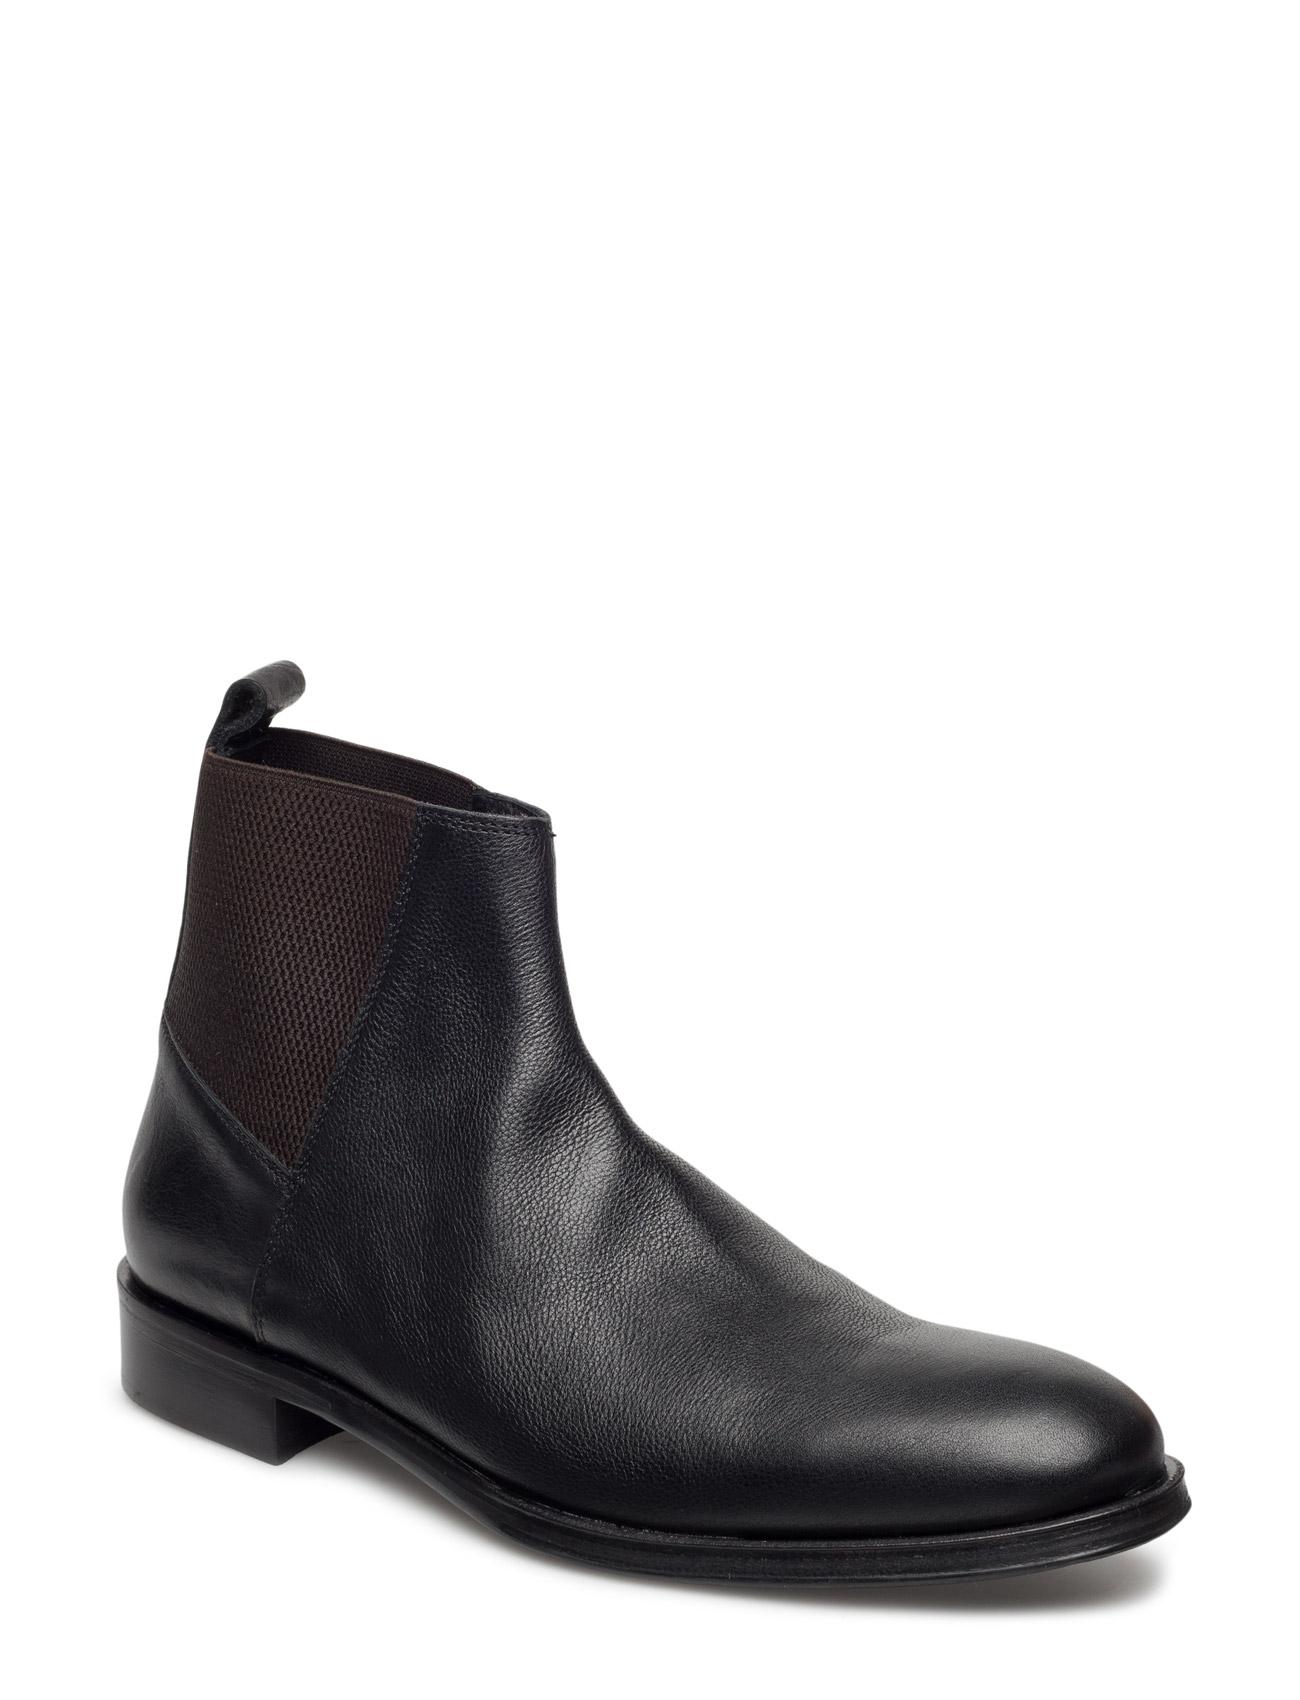 Footwear Mw - F211 SAND Støvler til Mænd i Sort